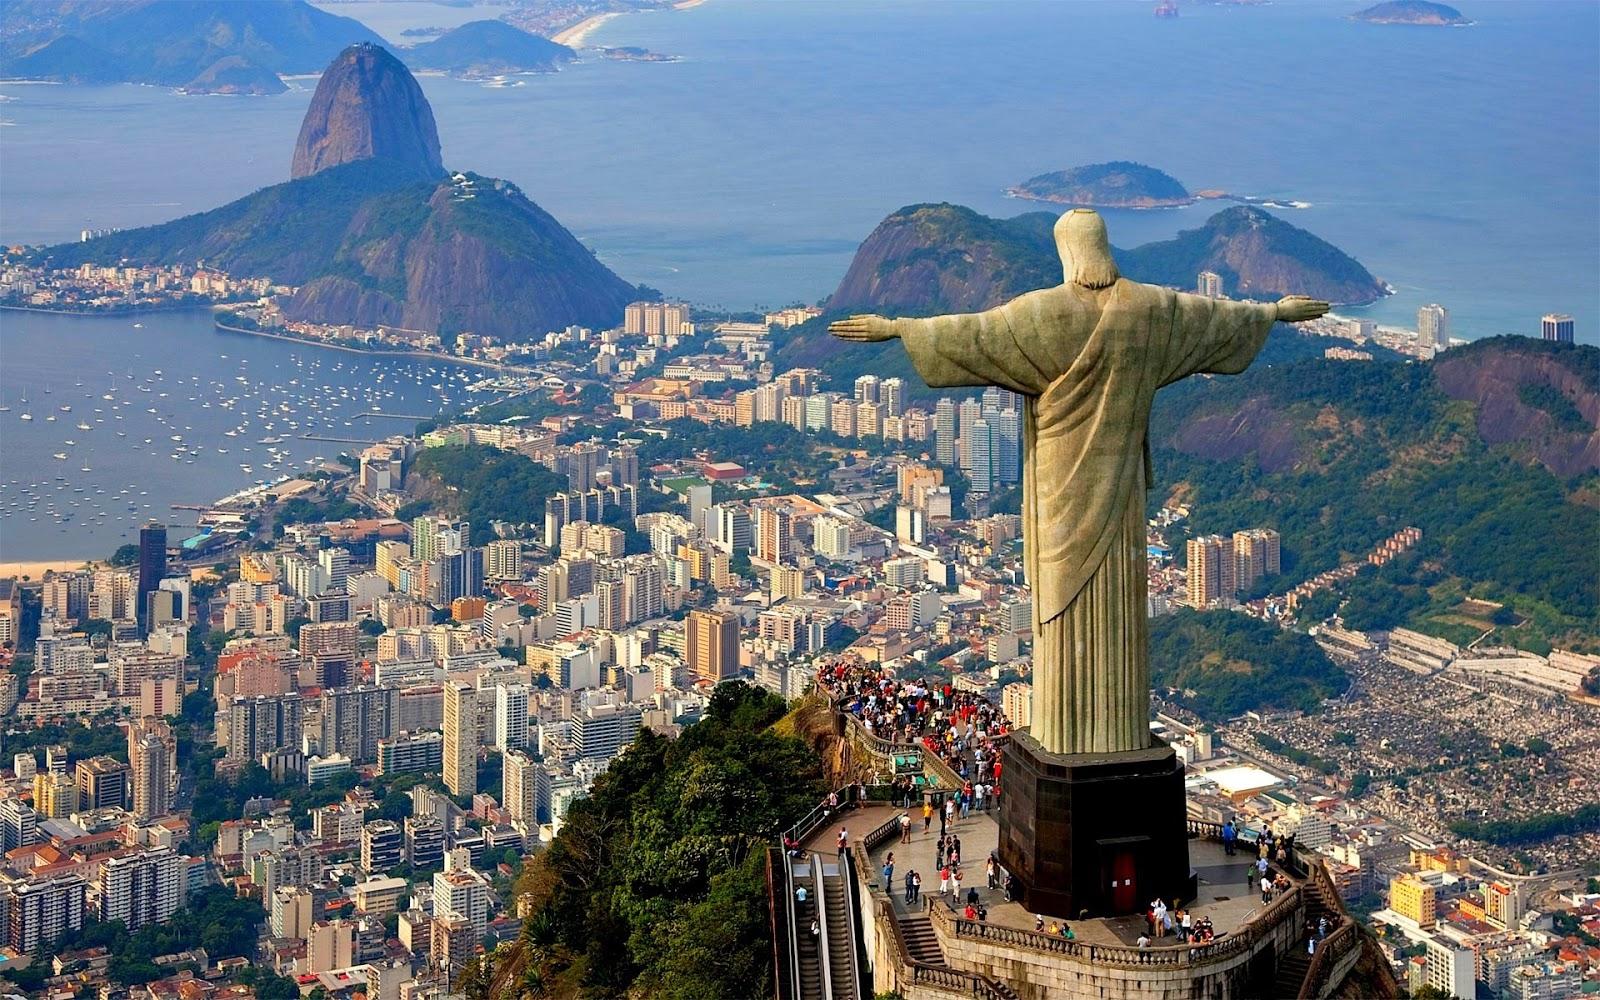 My Top Ten: My Top Ten Rio Songs